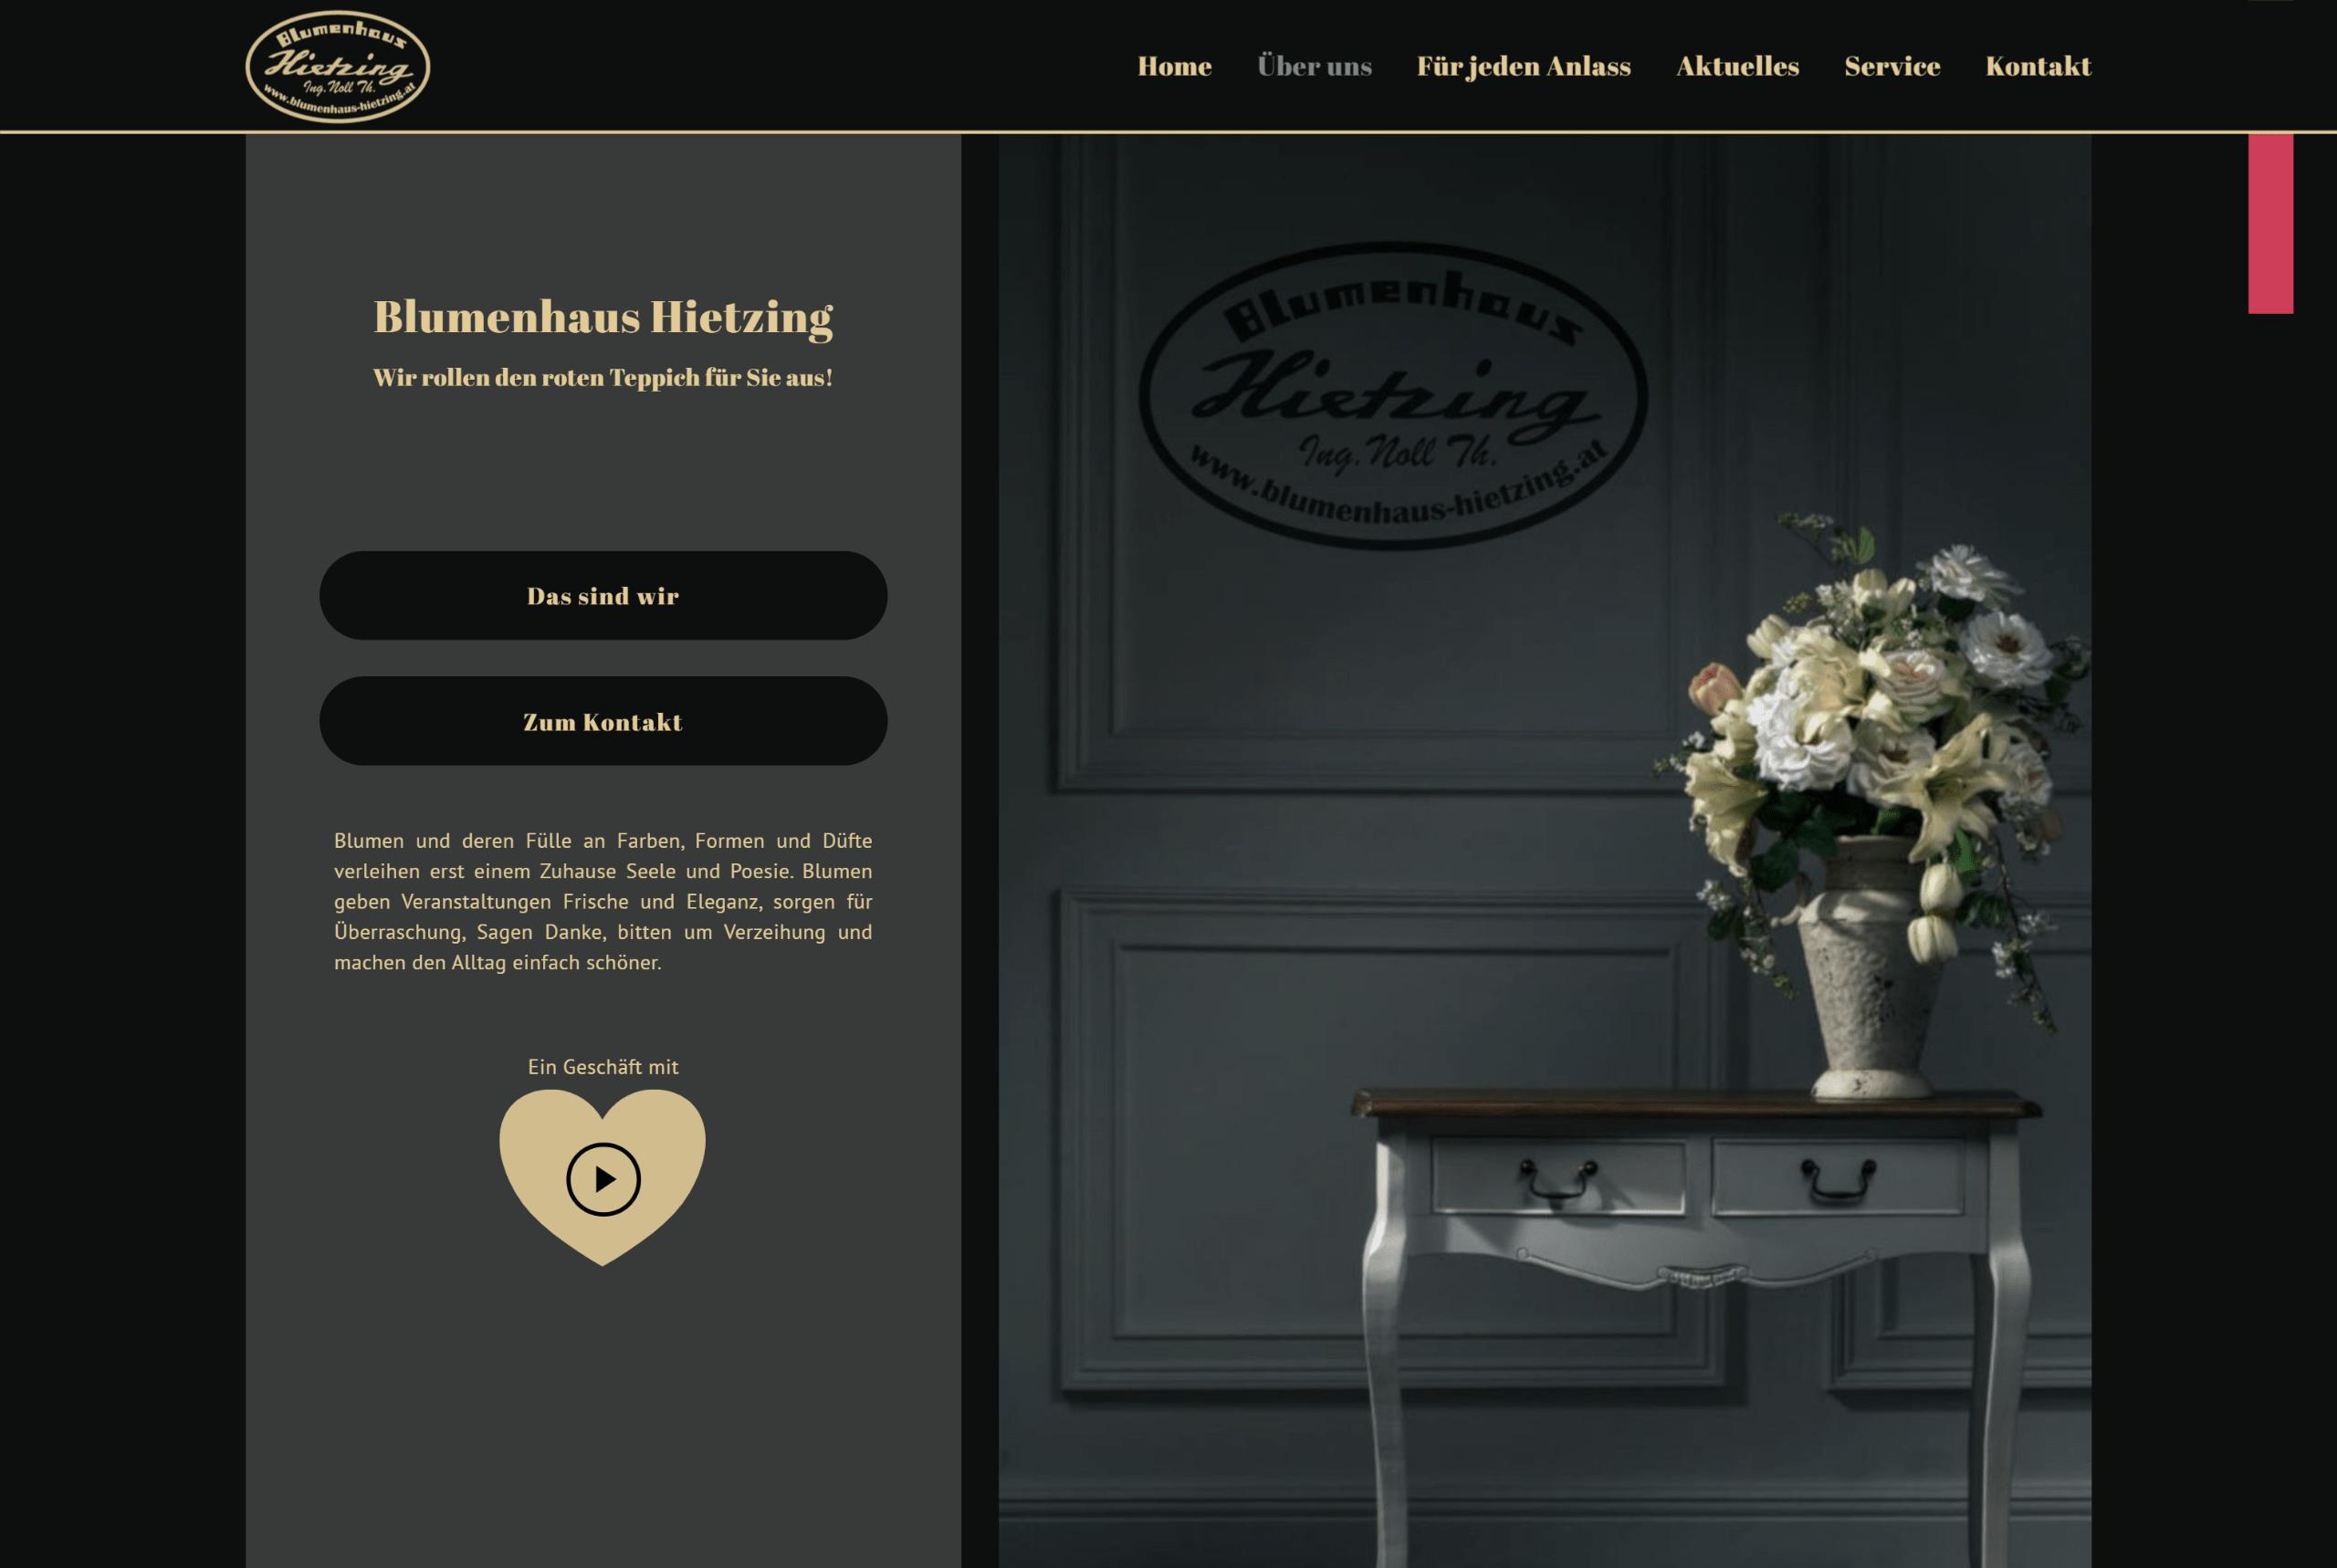 Blumenhaus Hietzing Min